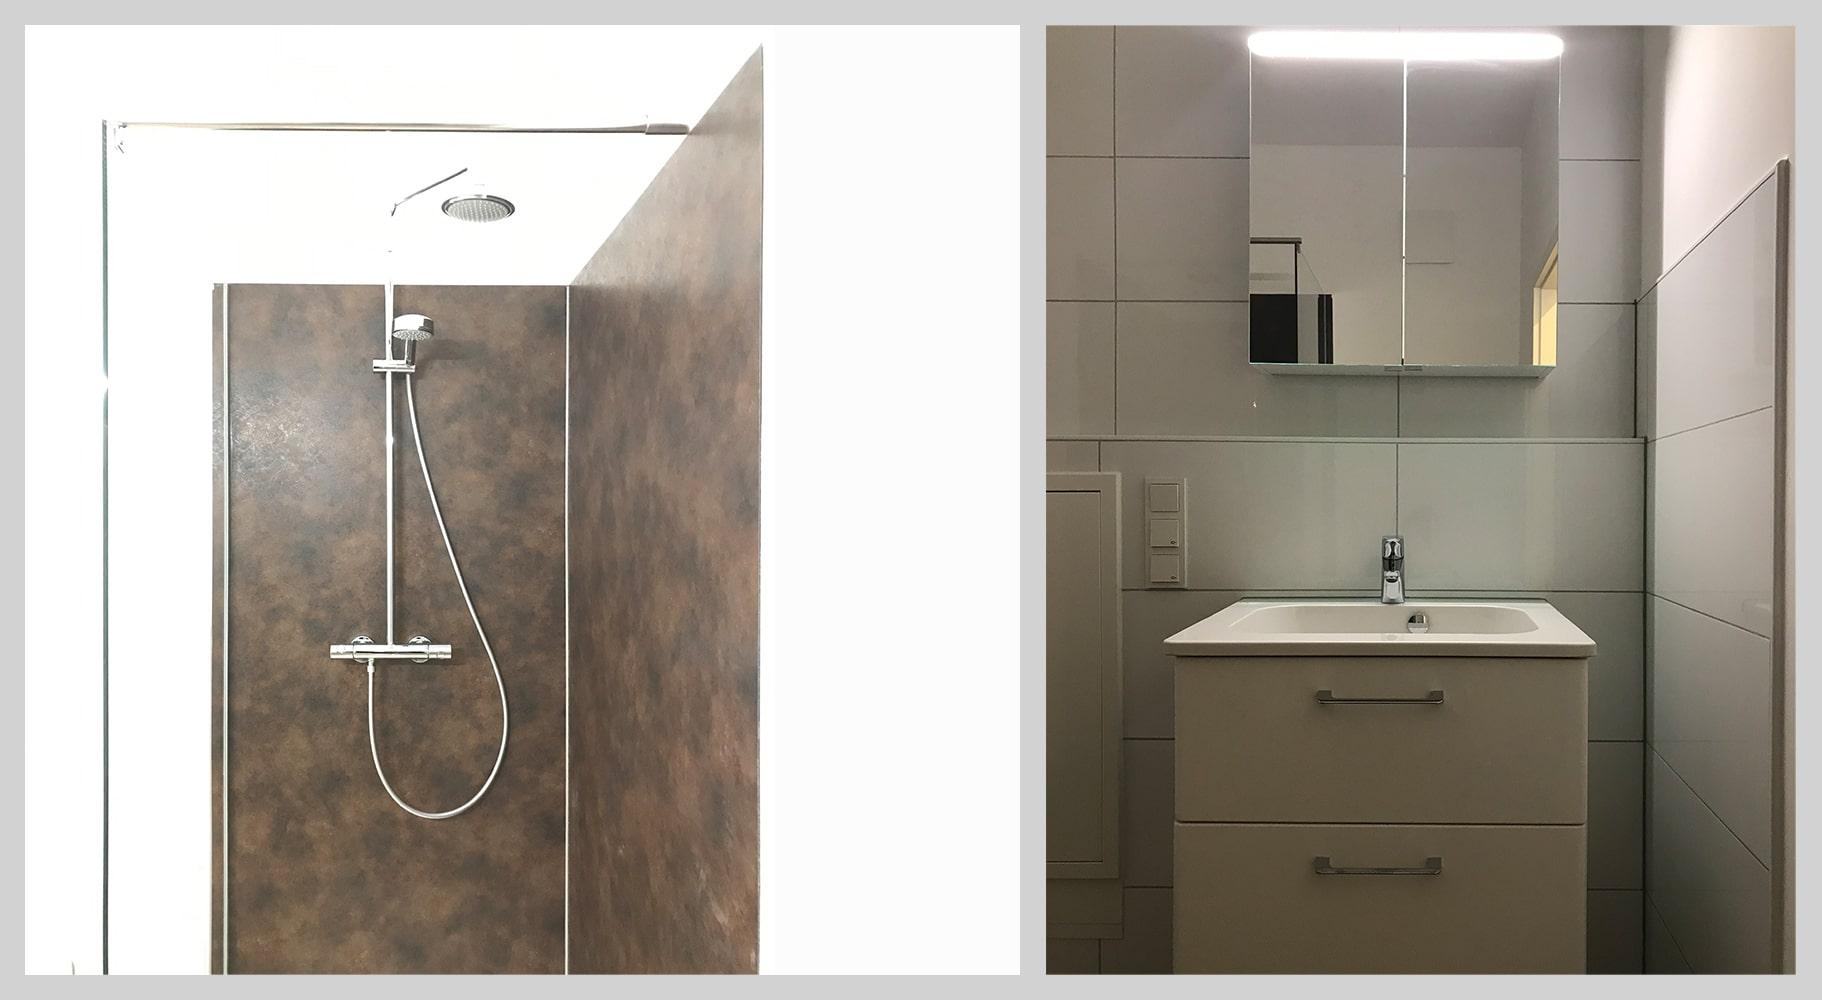 Baddesign Sanierung Modernisierung Immobiie · Architekt / Architekturbüro Schopow Köln Bonn, AKNW